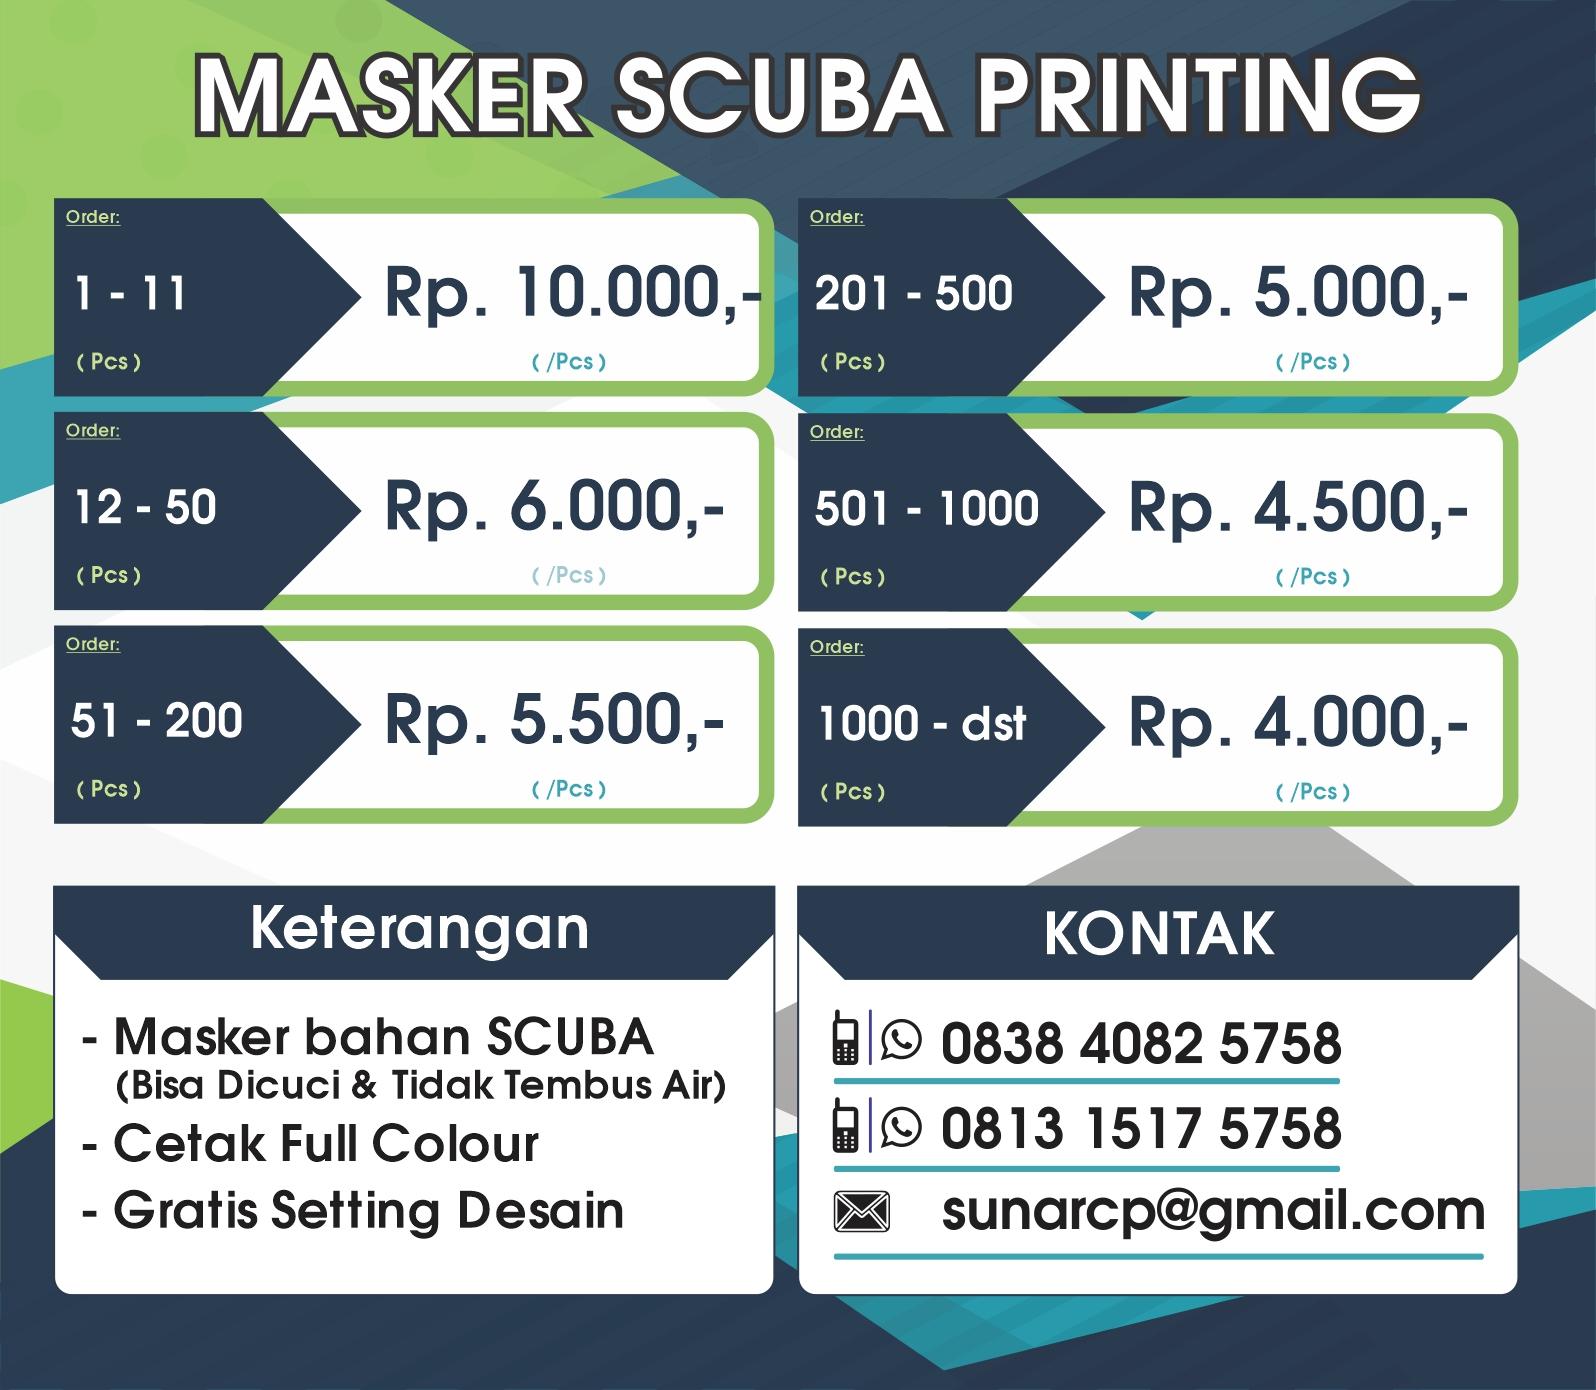 masker scuba printing, cetak masker scuba, masker scuba murah